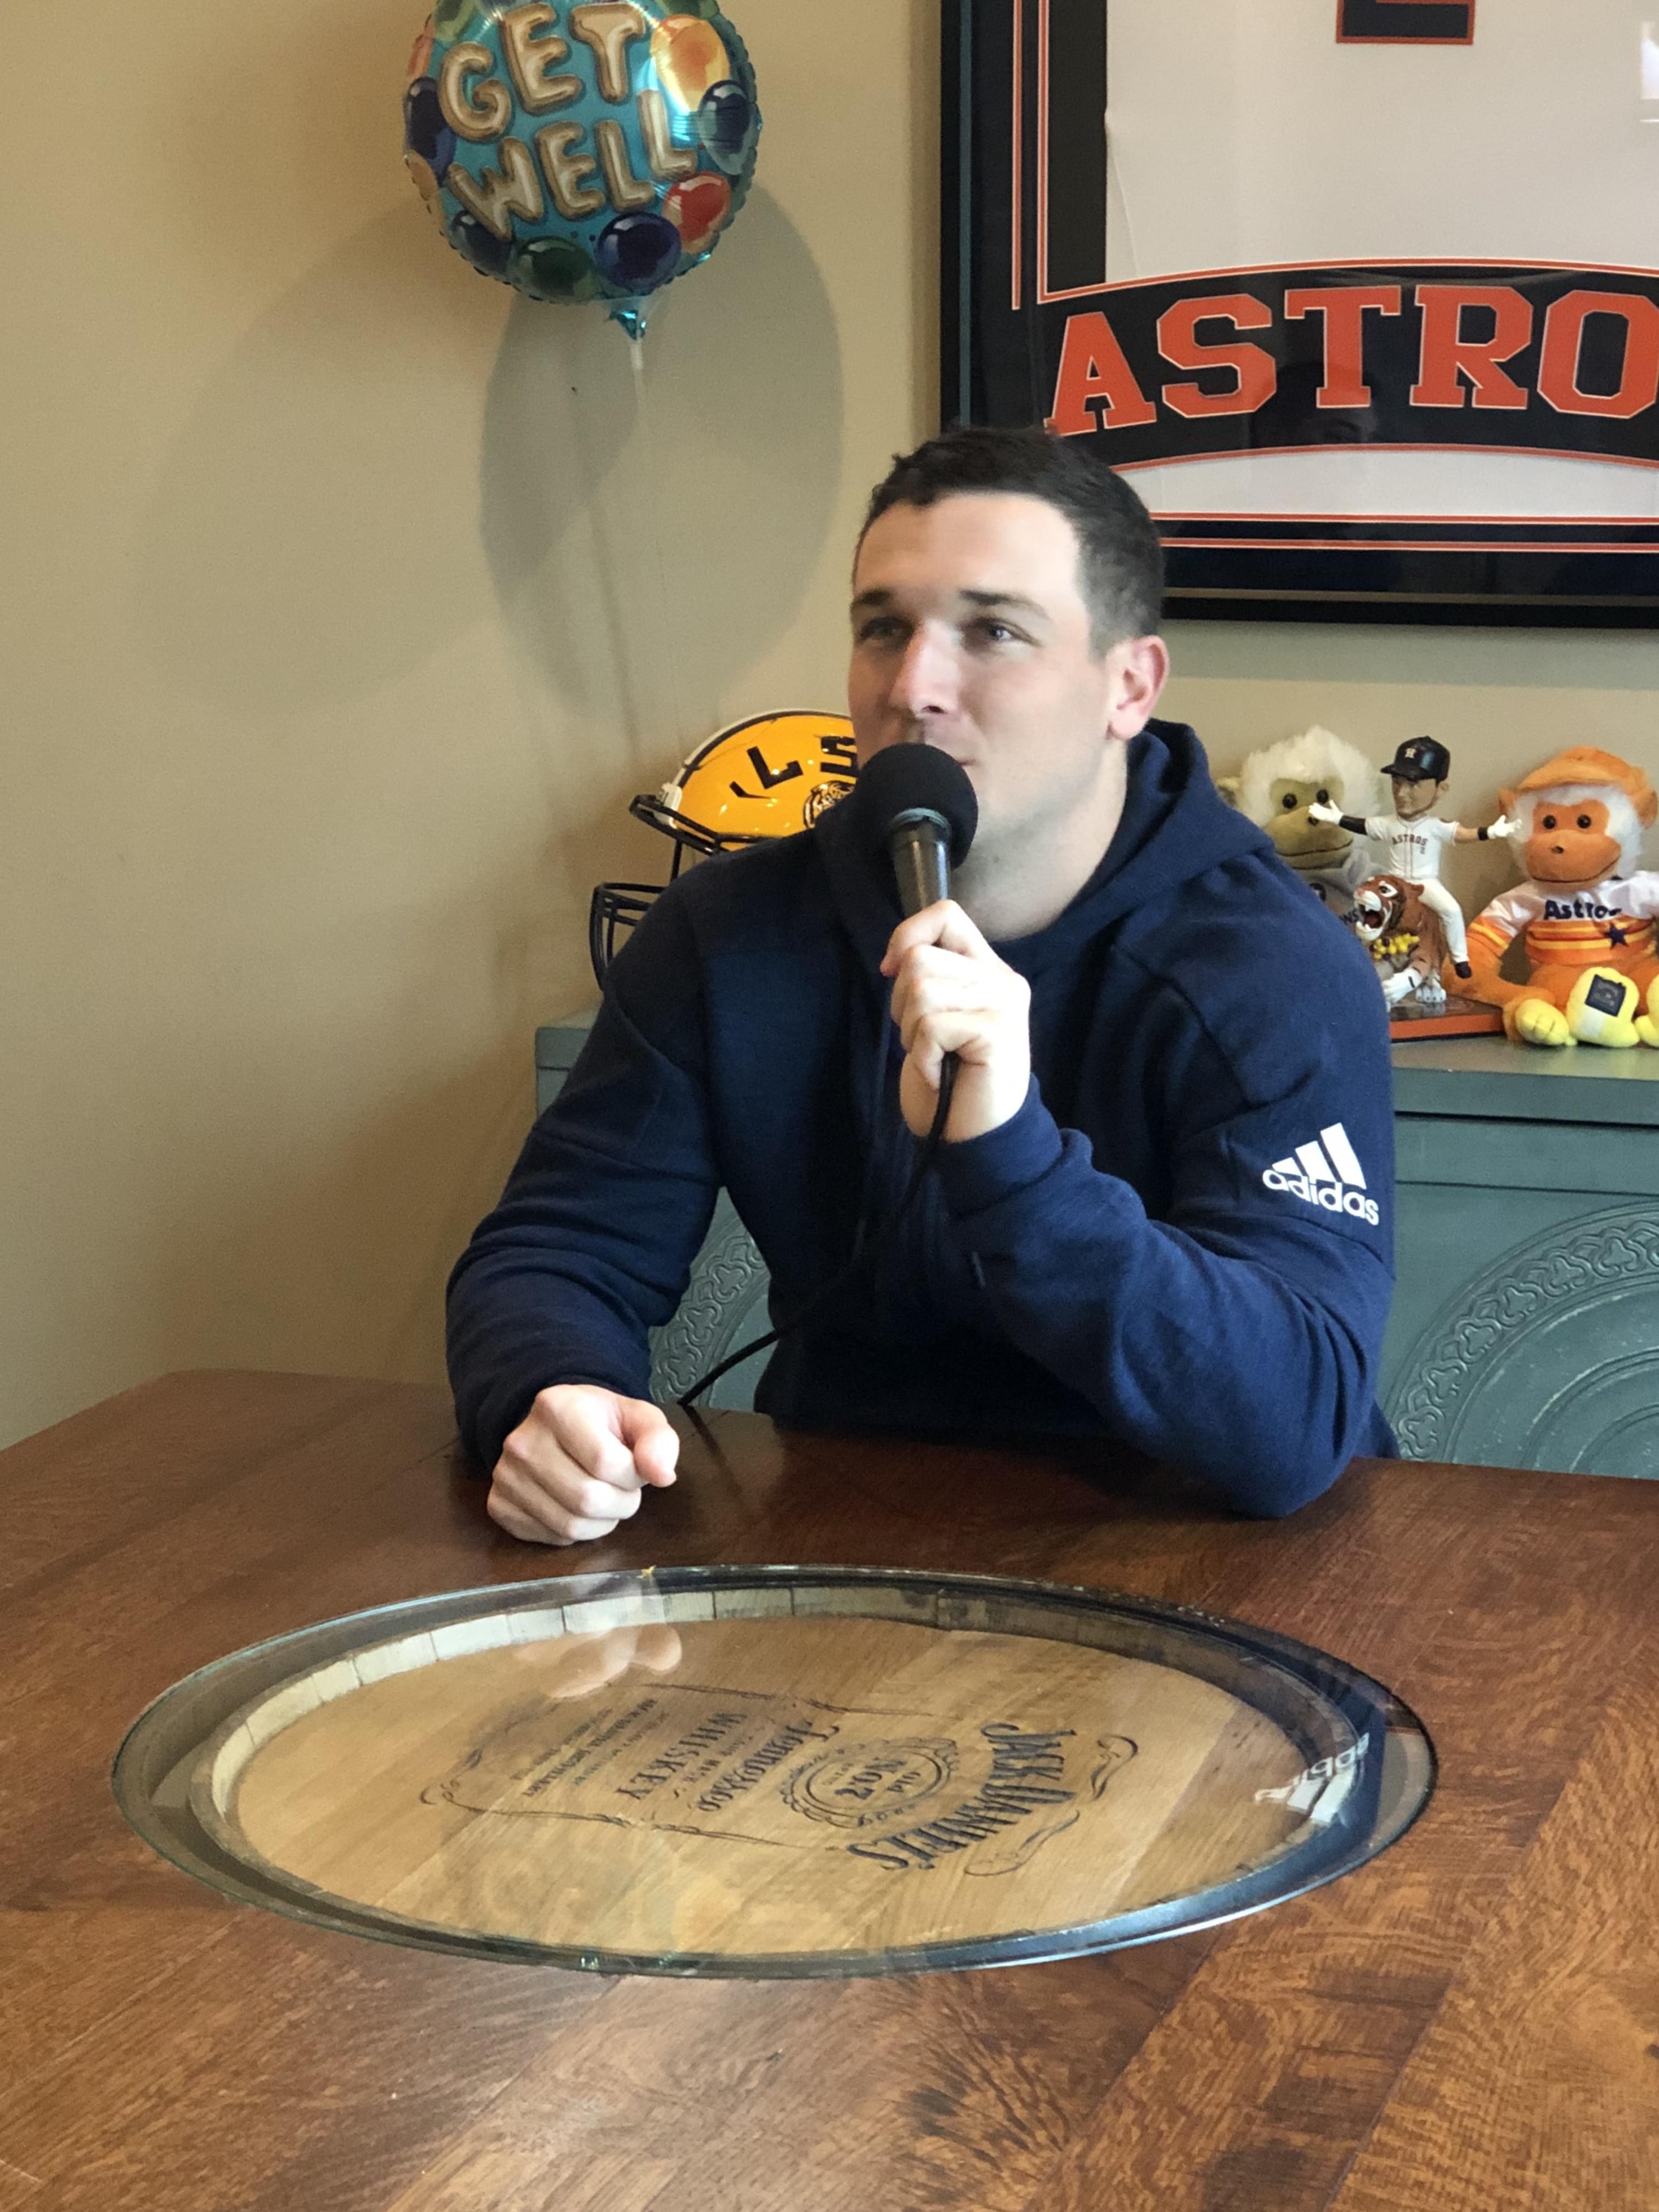 Astros sued by season ticket holding fan for $1 million